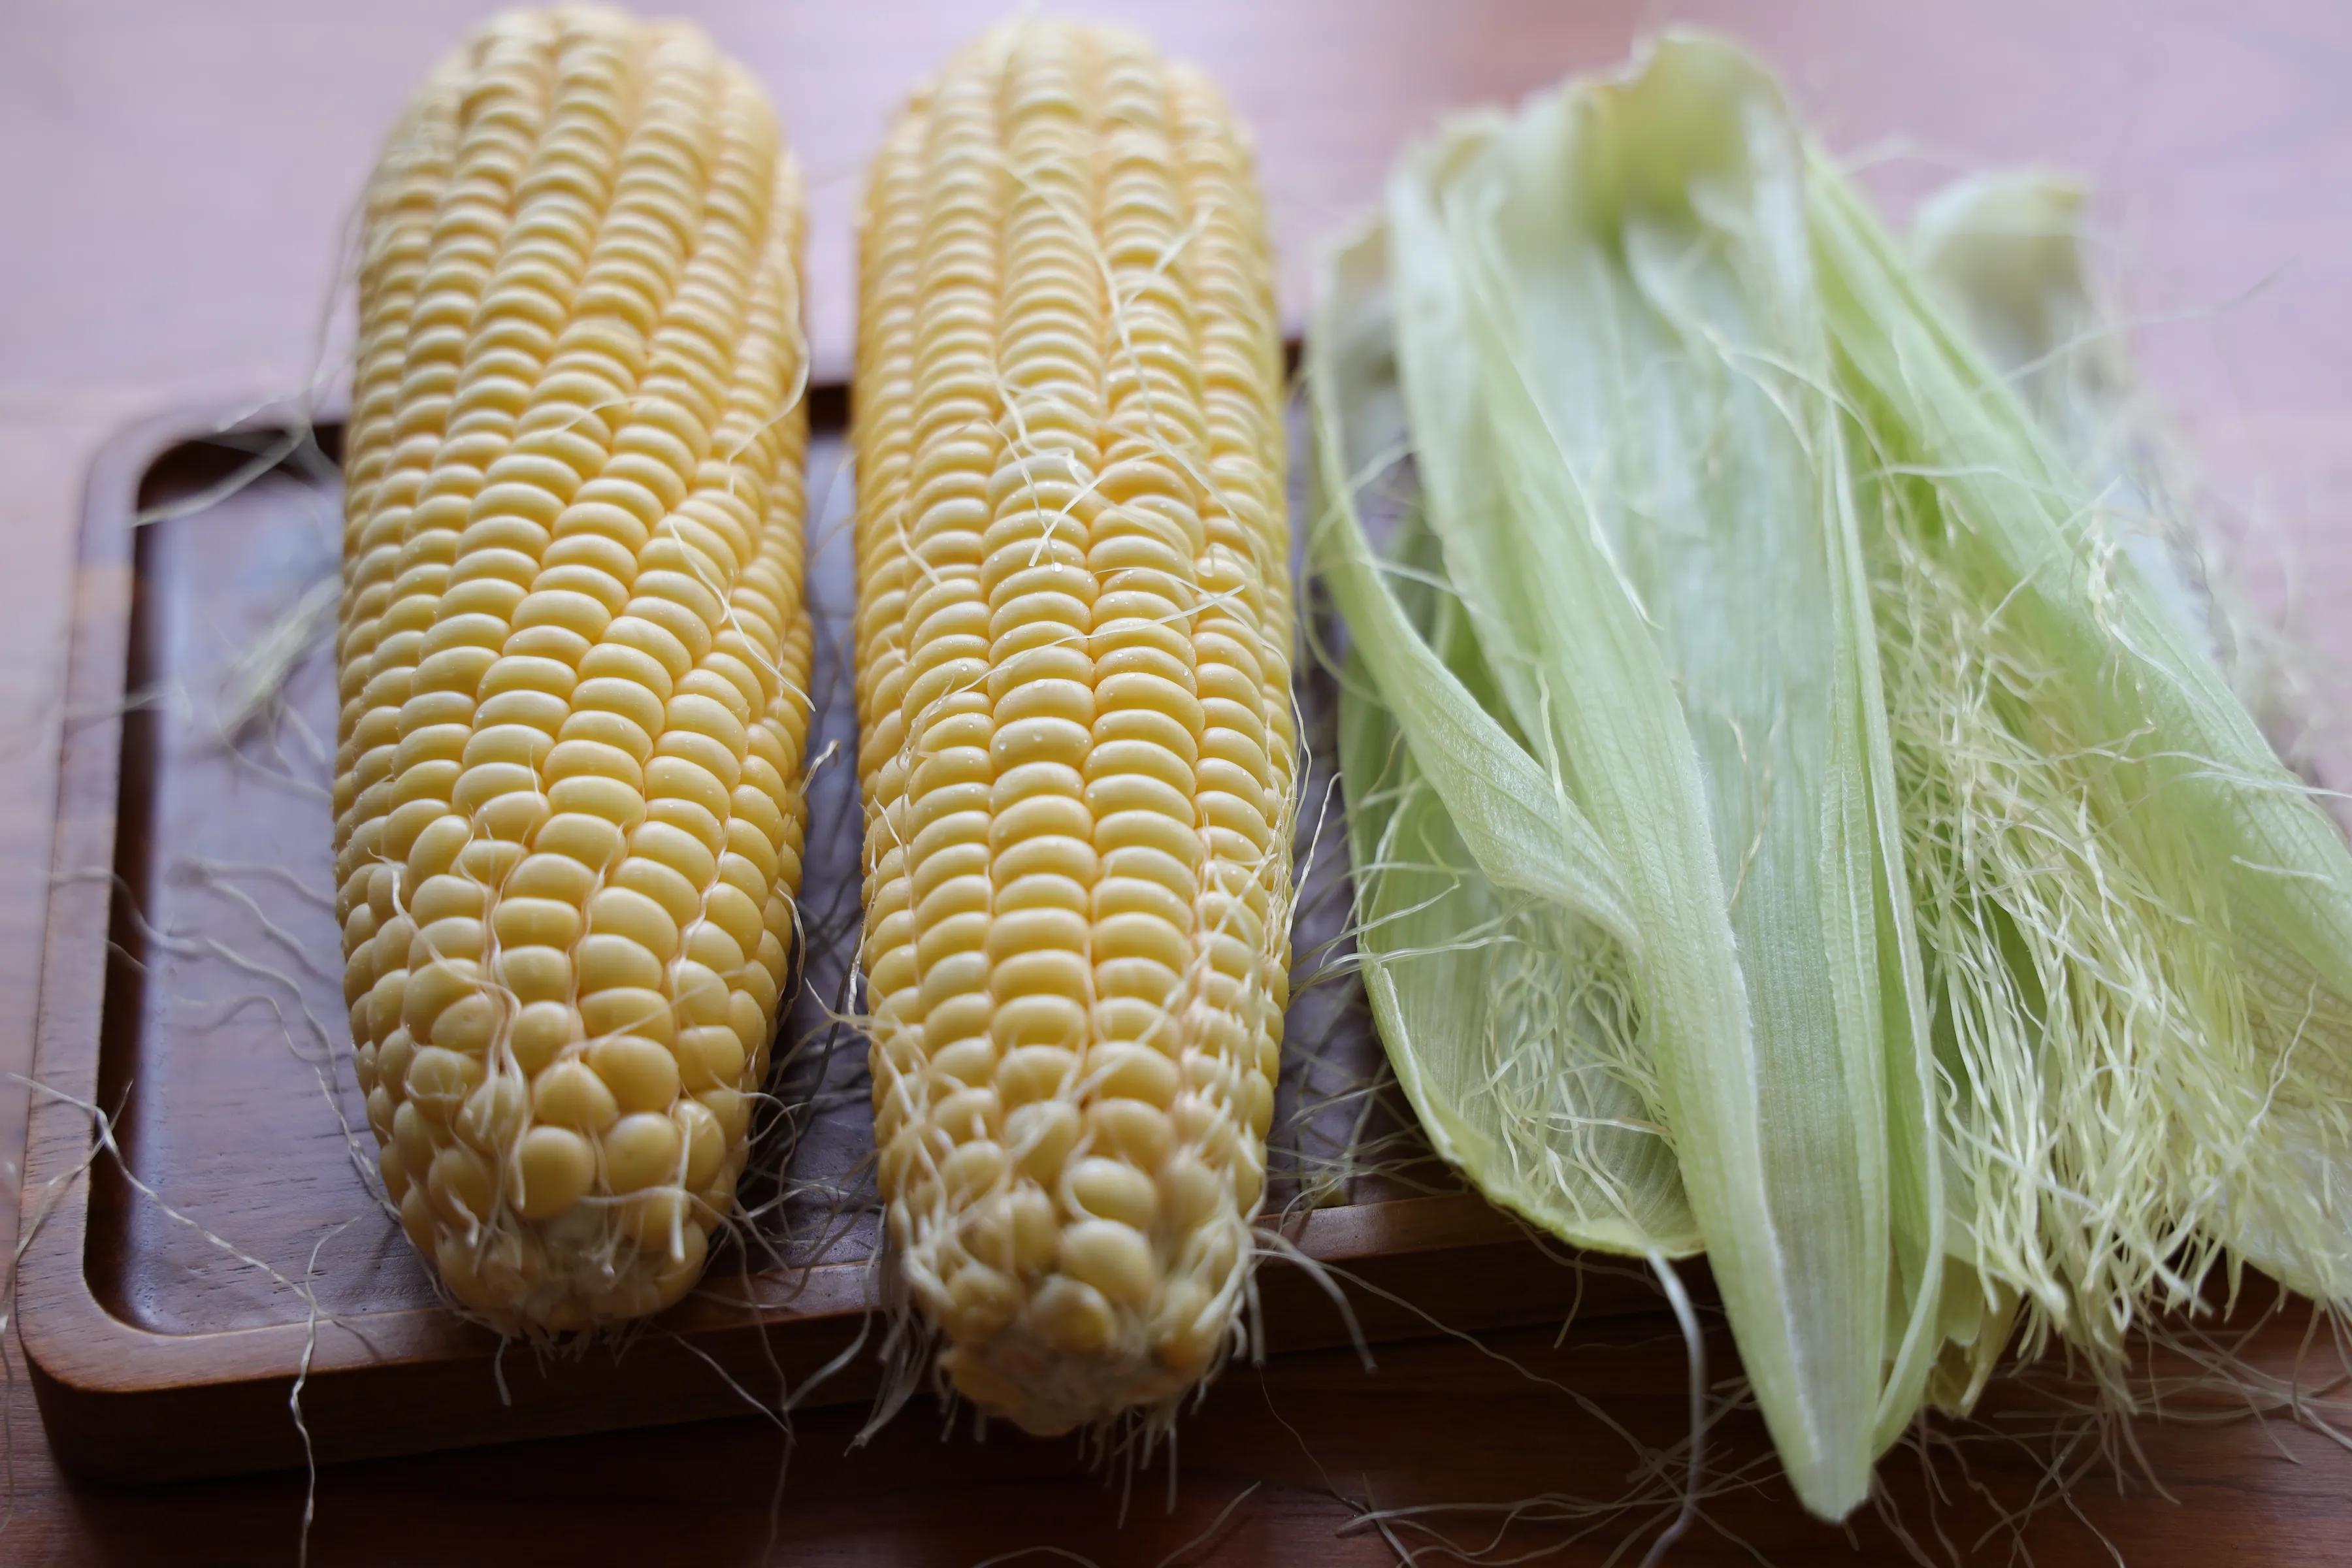 秋天一定要试试玉米这个吃法,香甜软糯,当早餐又当零食,超简单